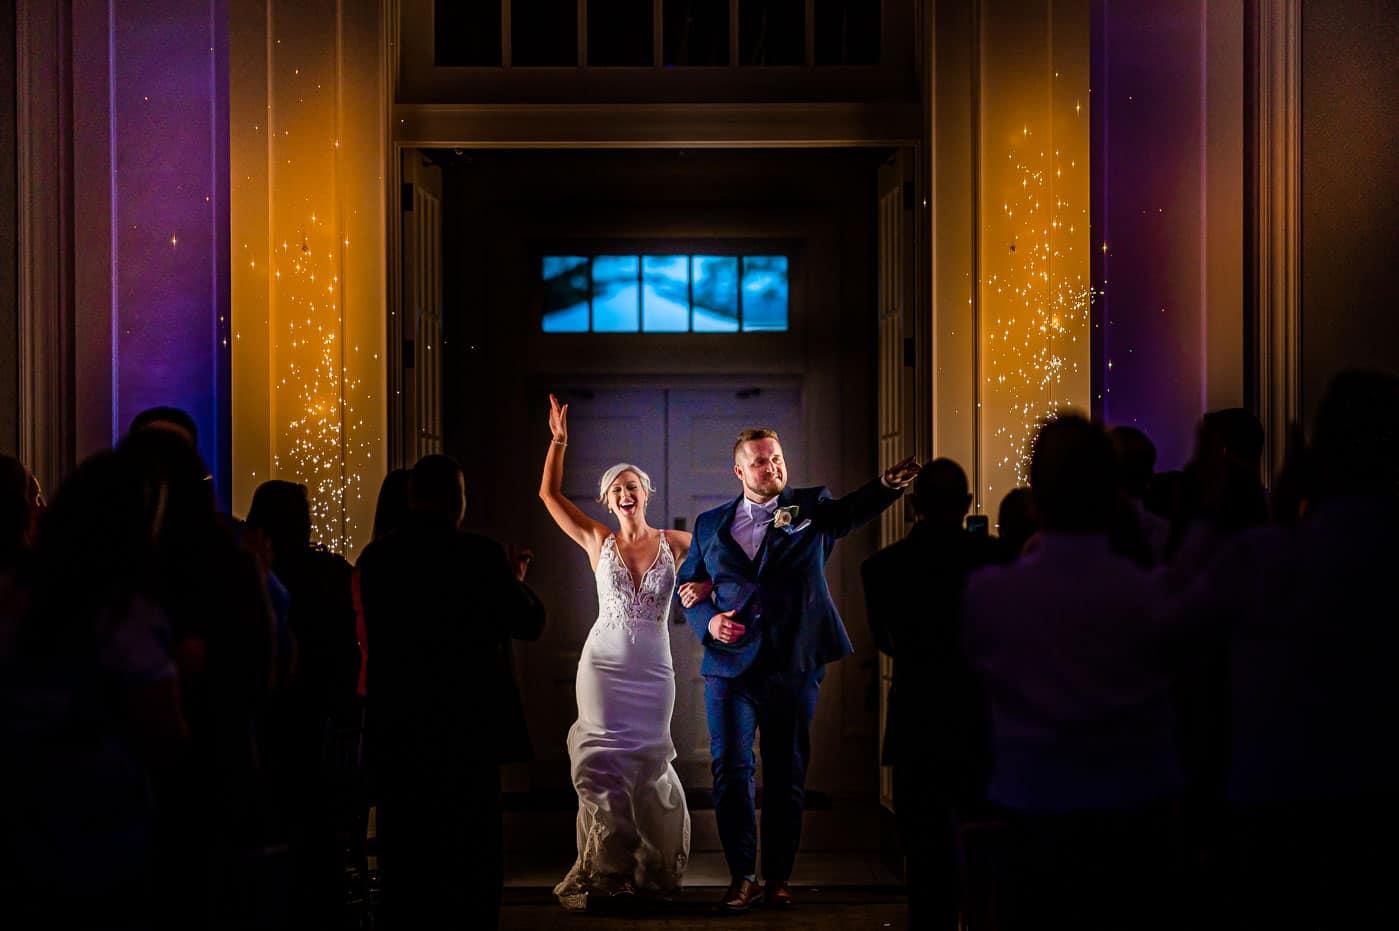 sparkler entrance for bride and groom at the ballroom at ellis preserve